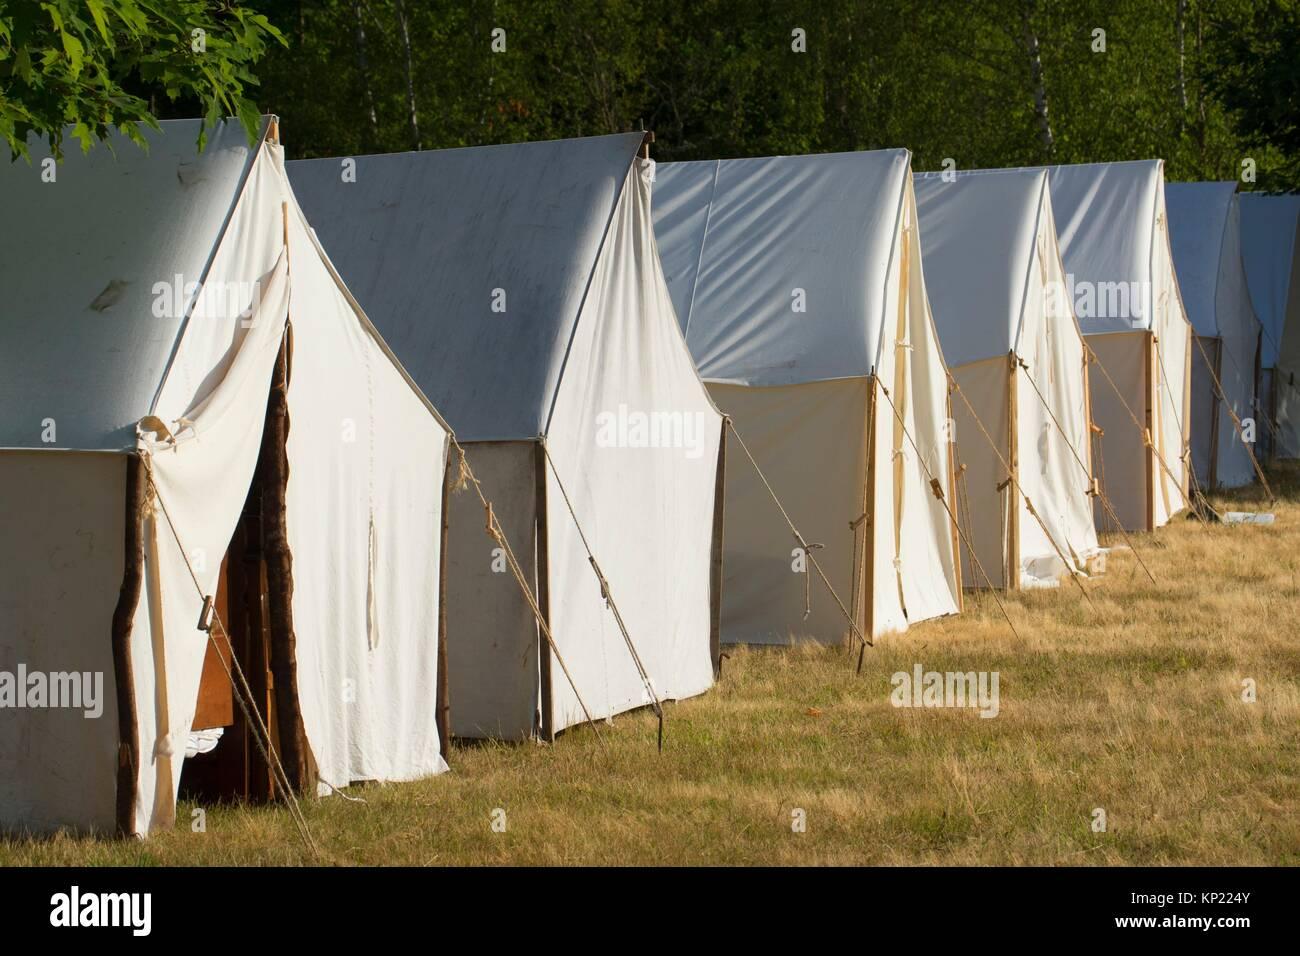 El campamento de tiendas de campaña, la Guerra Civil la re-creación, misión Willamette State Park, Imagen De Stock